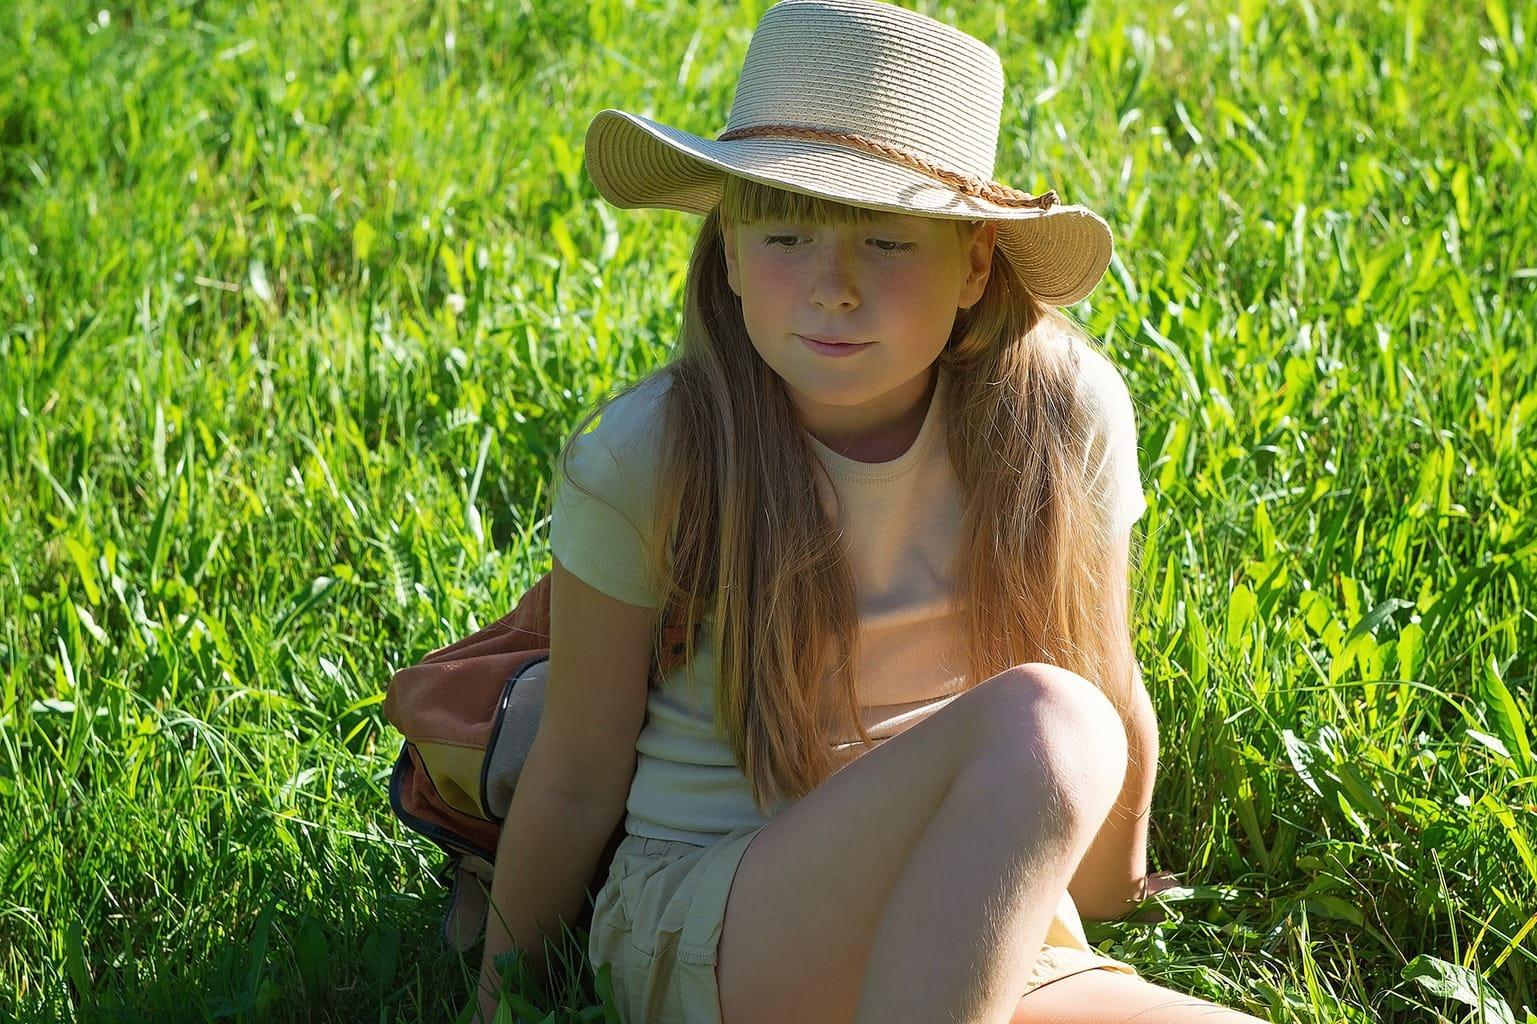 fotografía de una niña en el parque